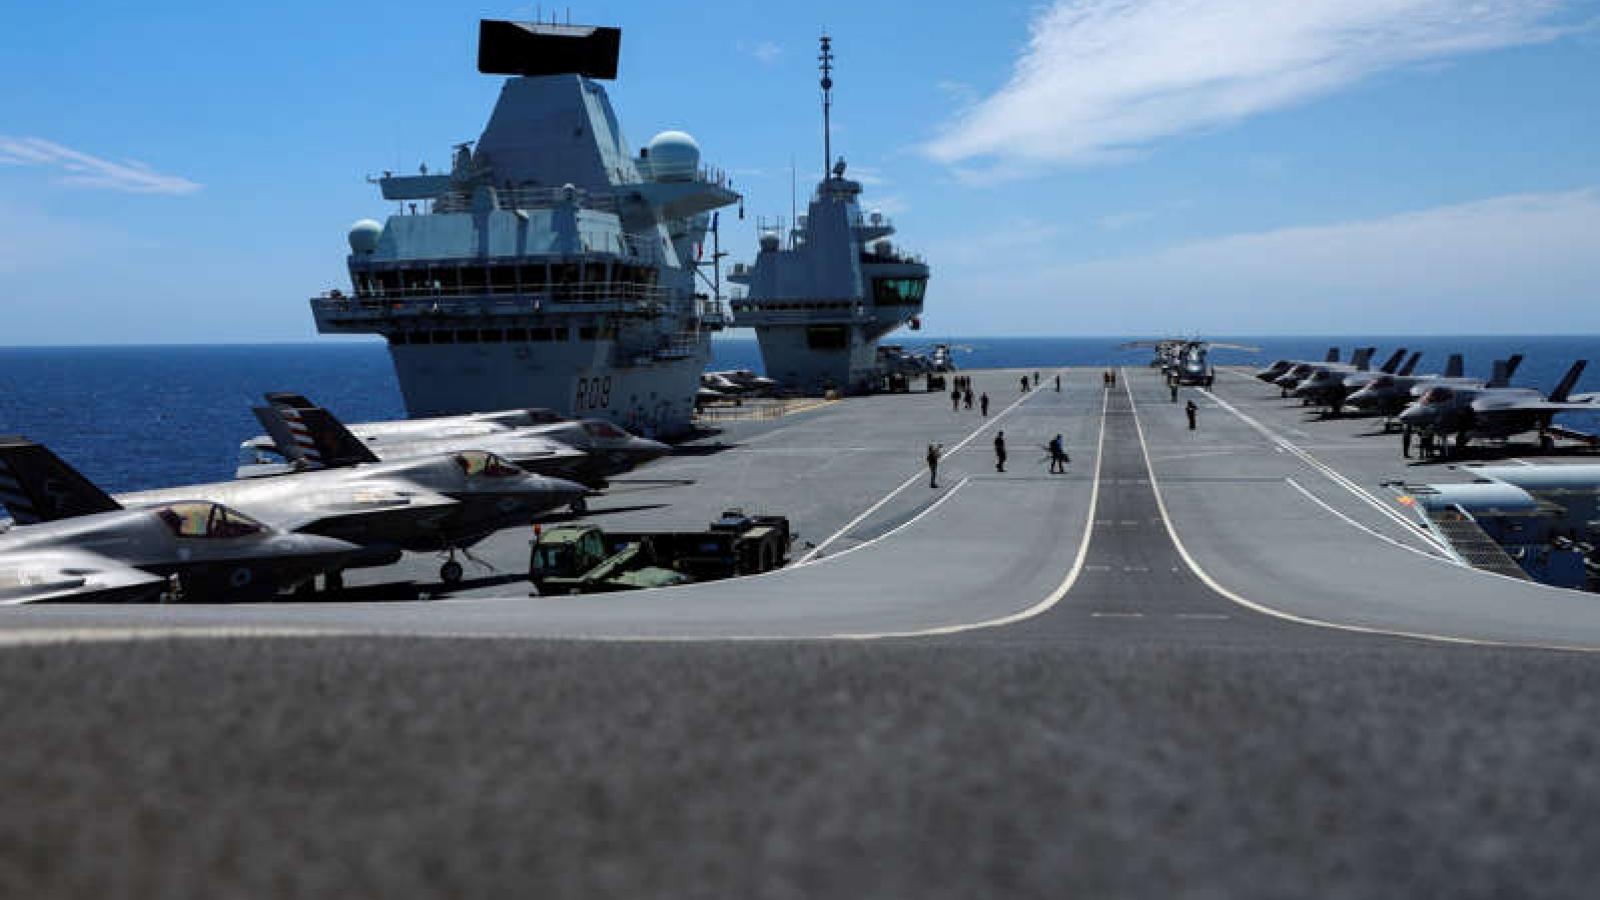 Ngoại giao chiến hạm: Tàu sân bay Anh tập trận cùng NATO, gửi thông điệp tới Trung Quốc